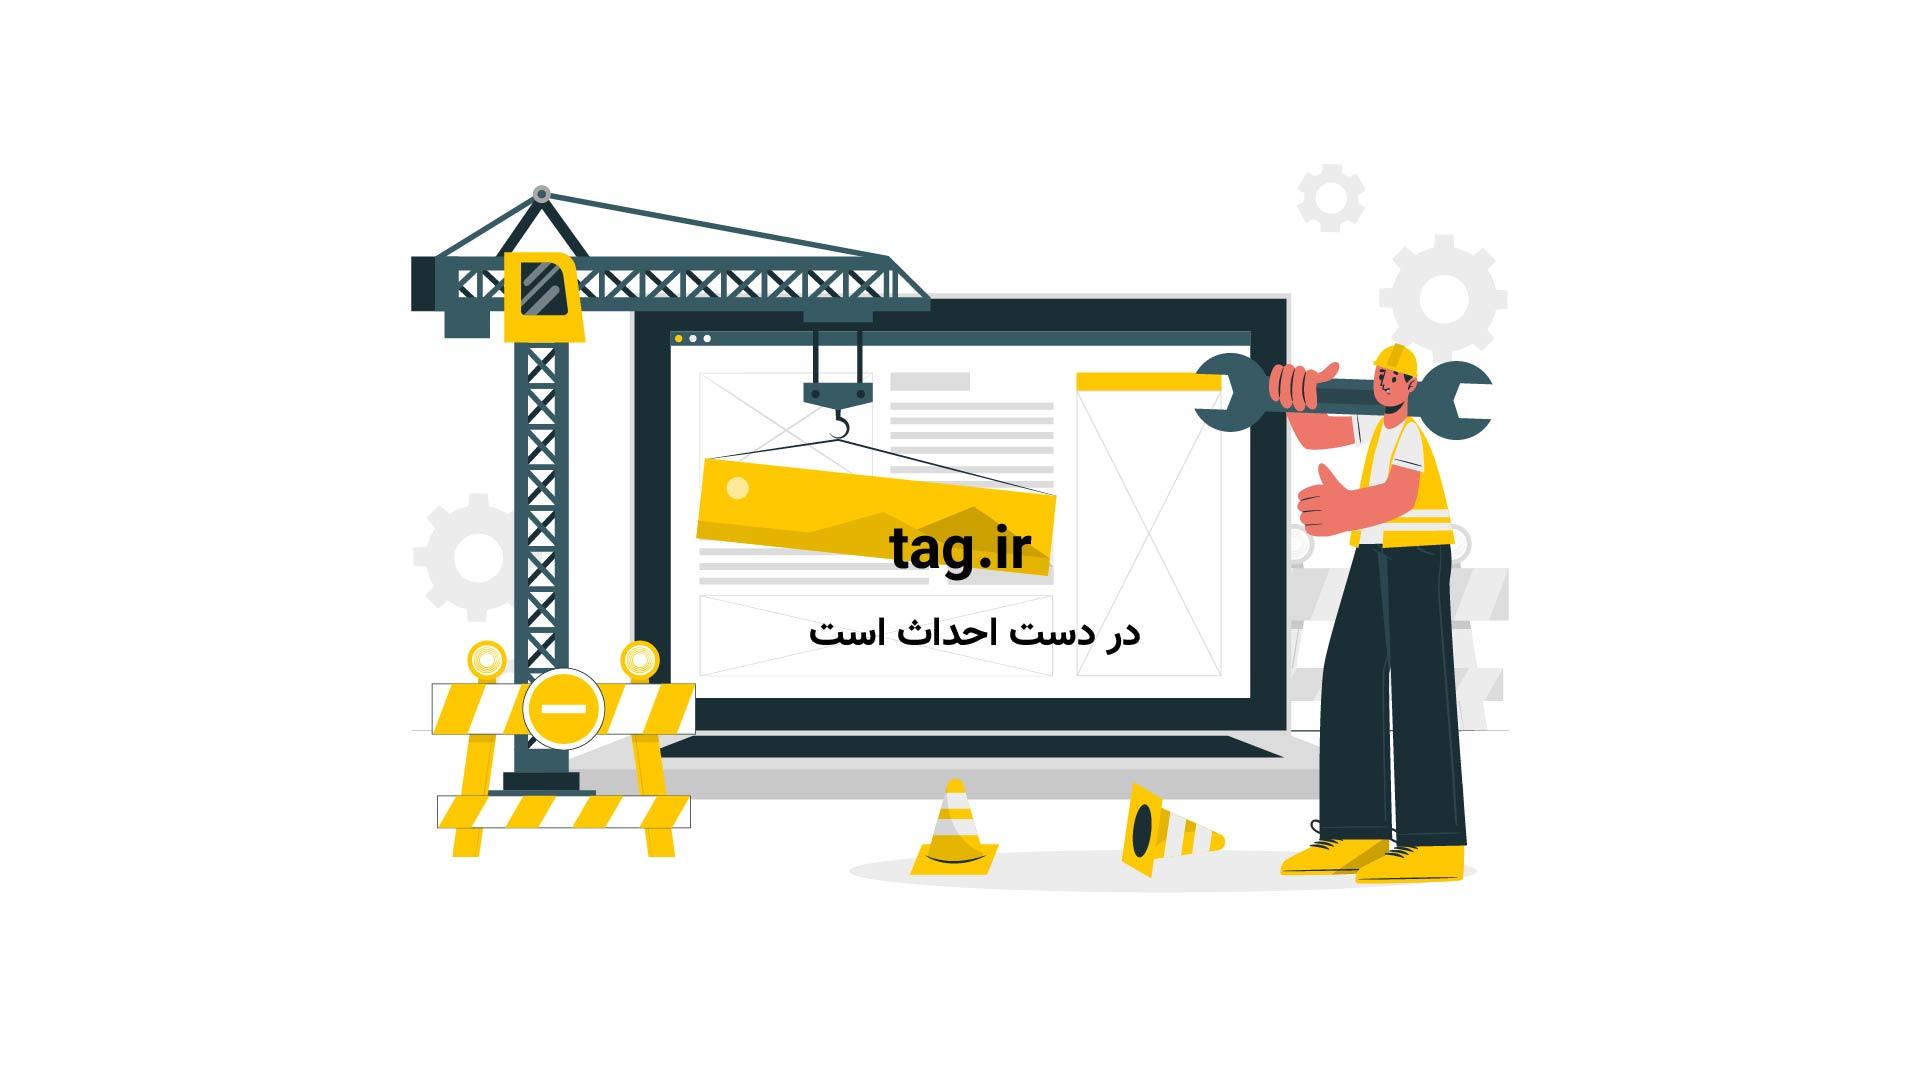 عناوین روزنامه های ورزشی شنبه 6 خرداد | فیلم